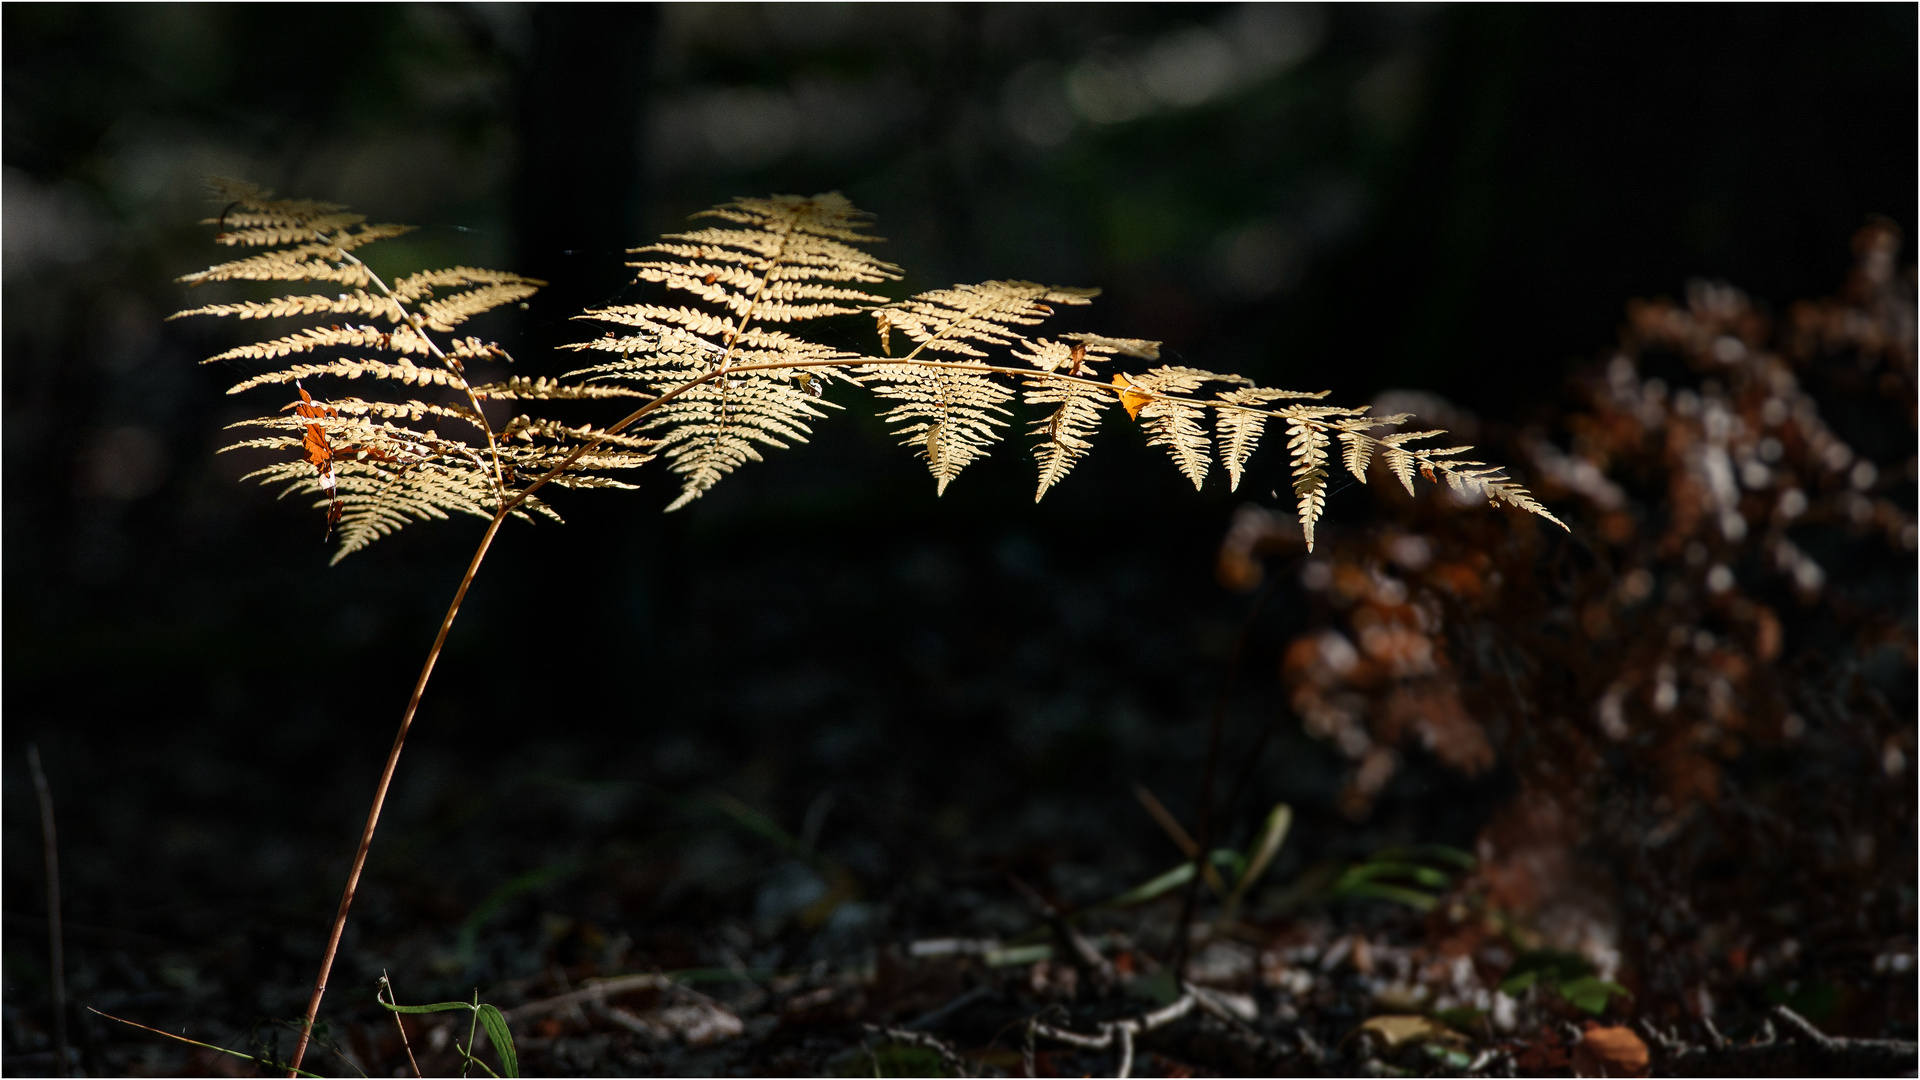 'Herbstfarn'